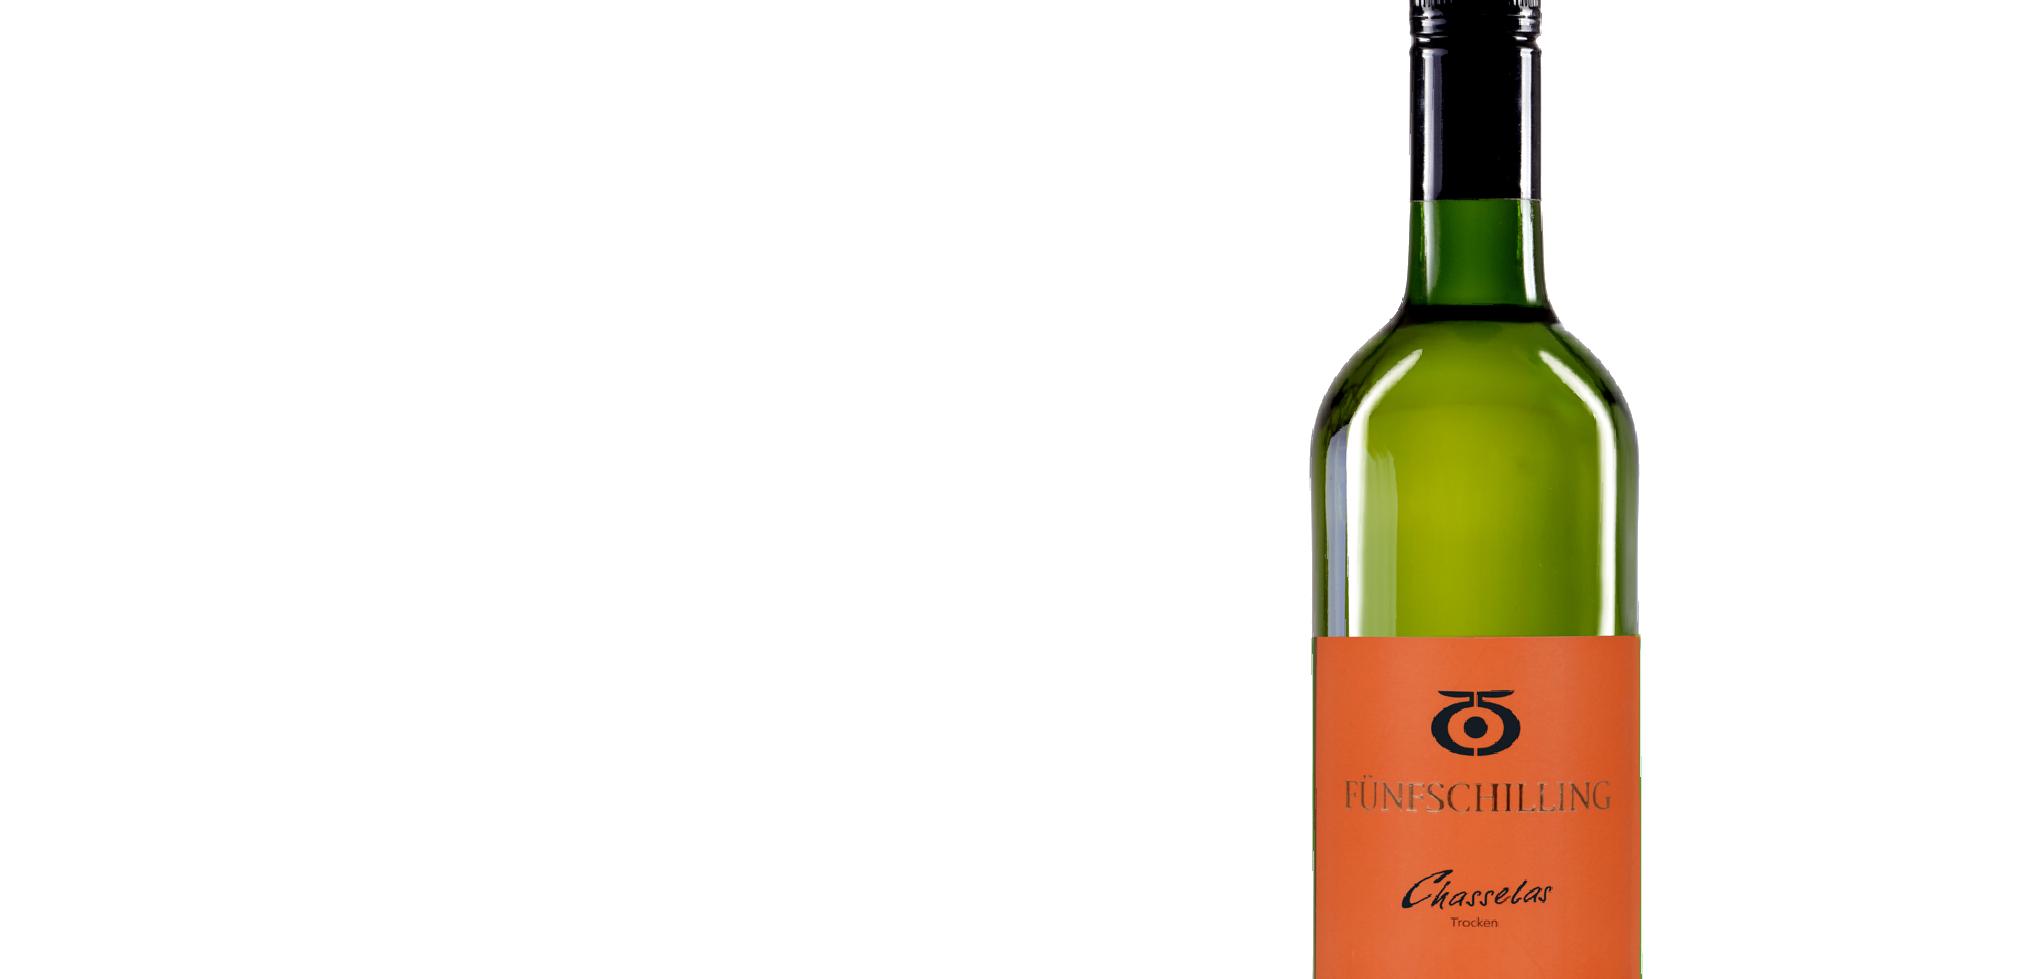 Fünfschilling Weißwein Chasselas